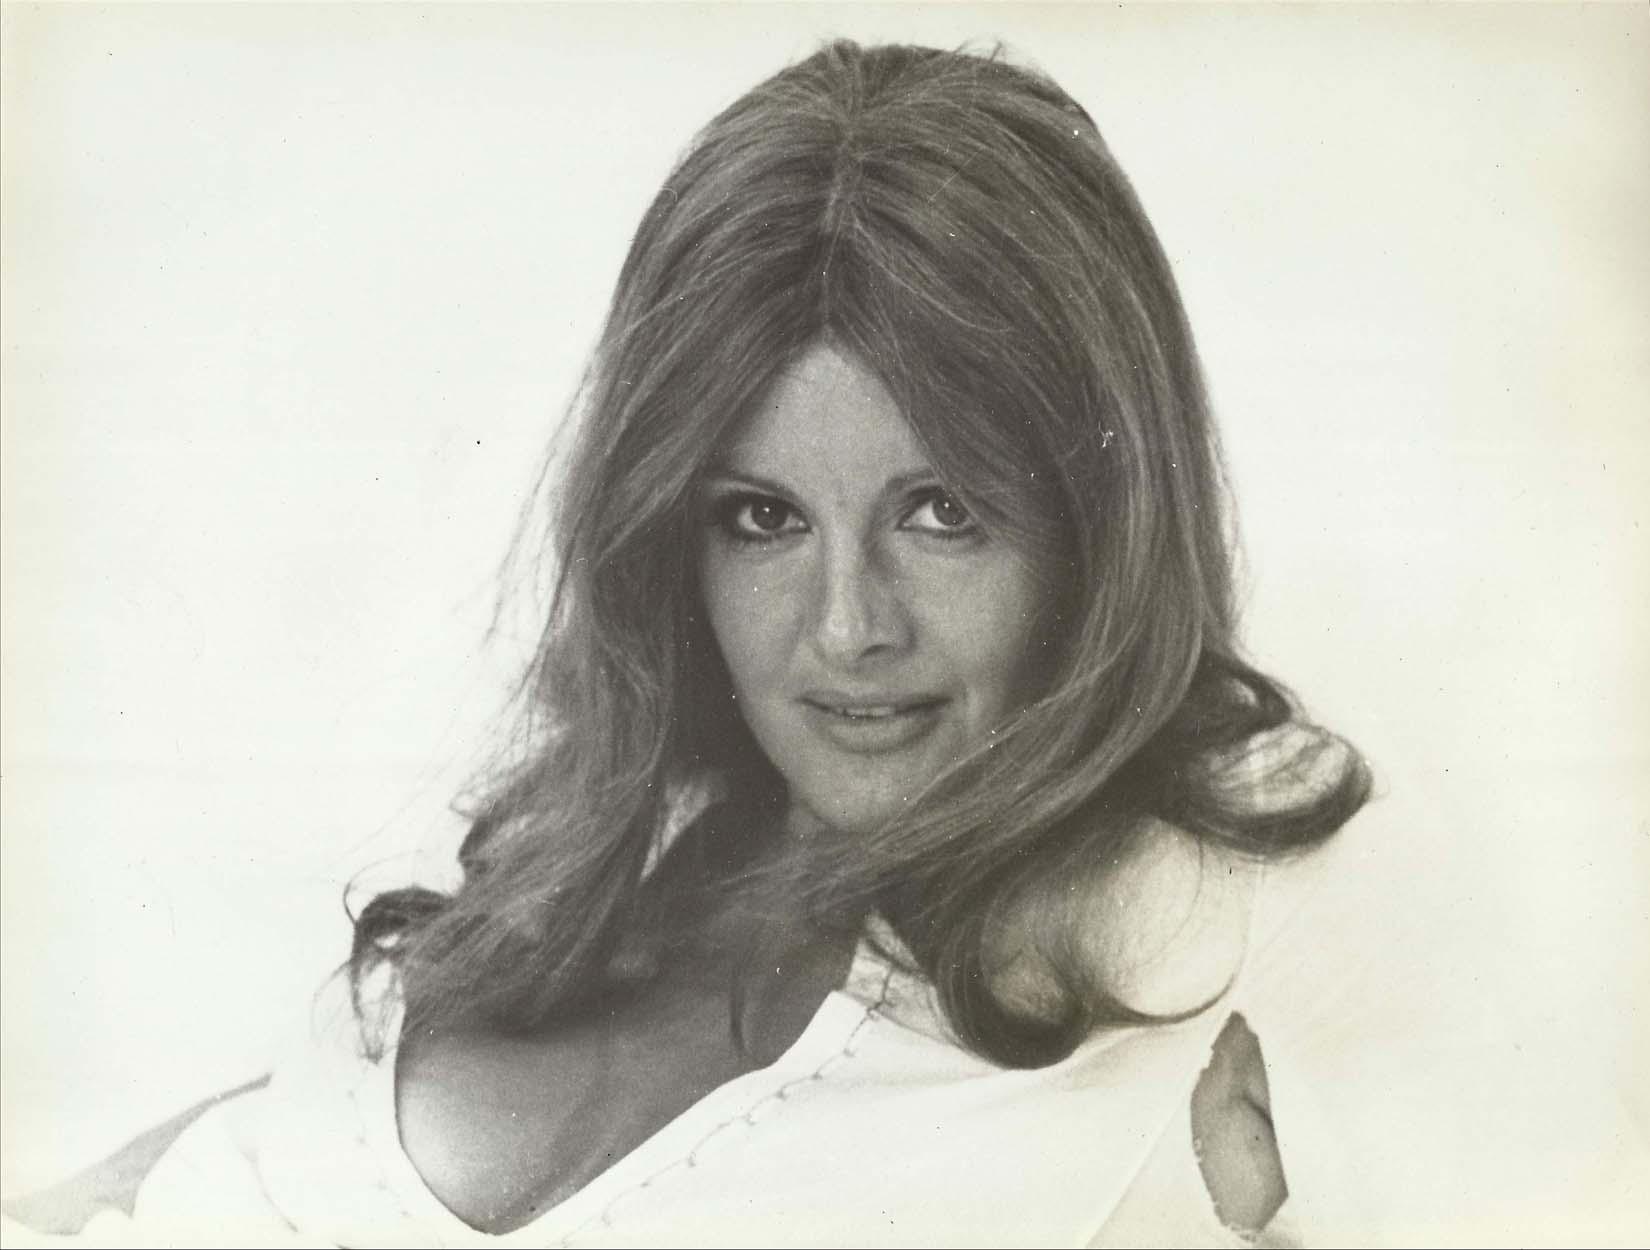 ロッサナ・ポデスタの画像 p1_5